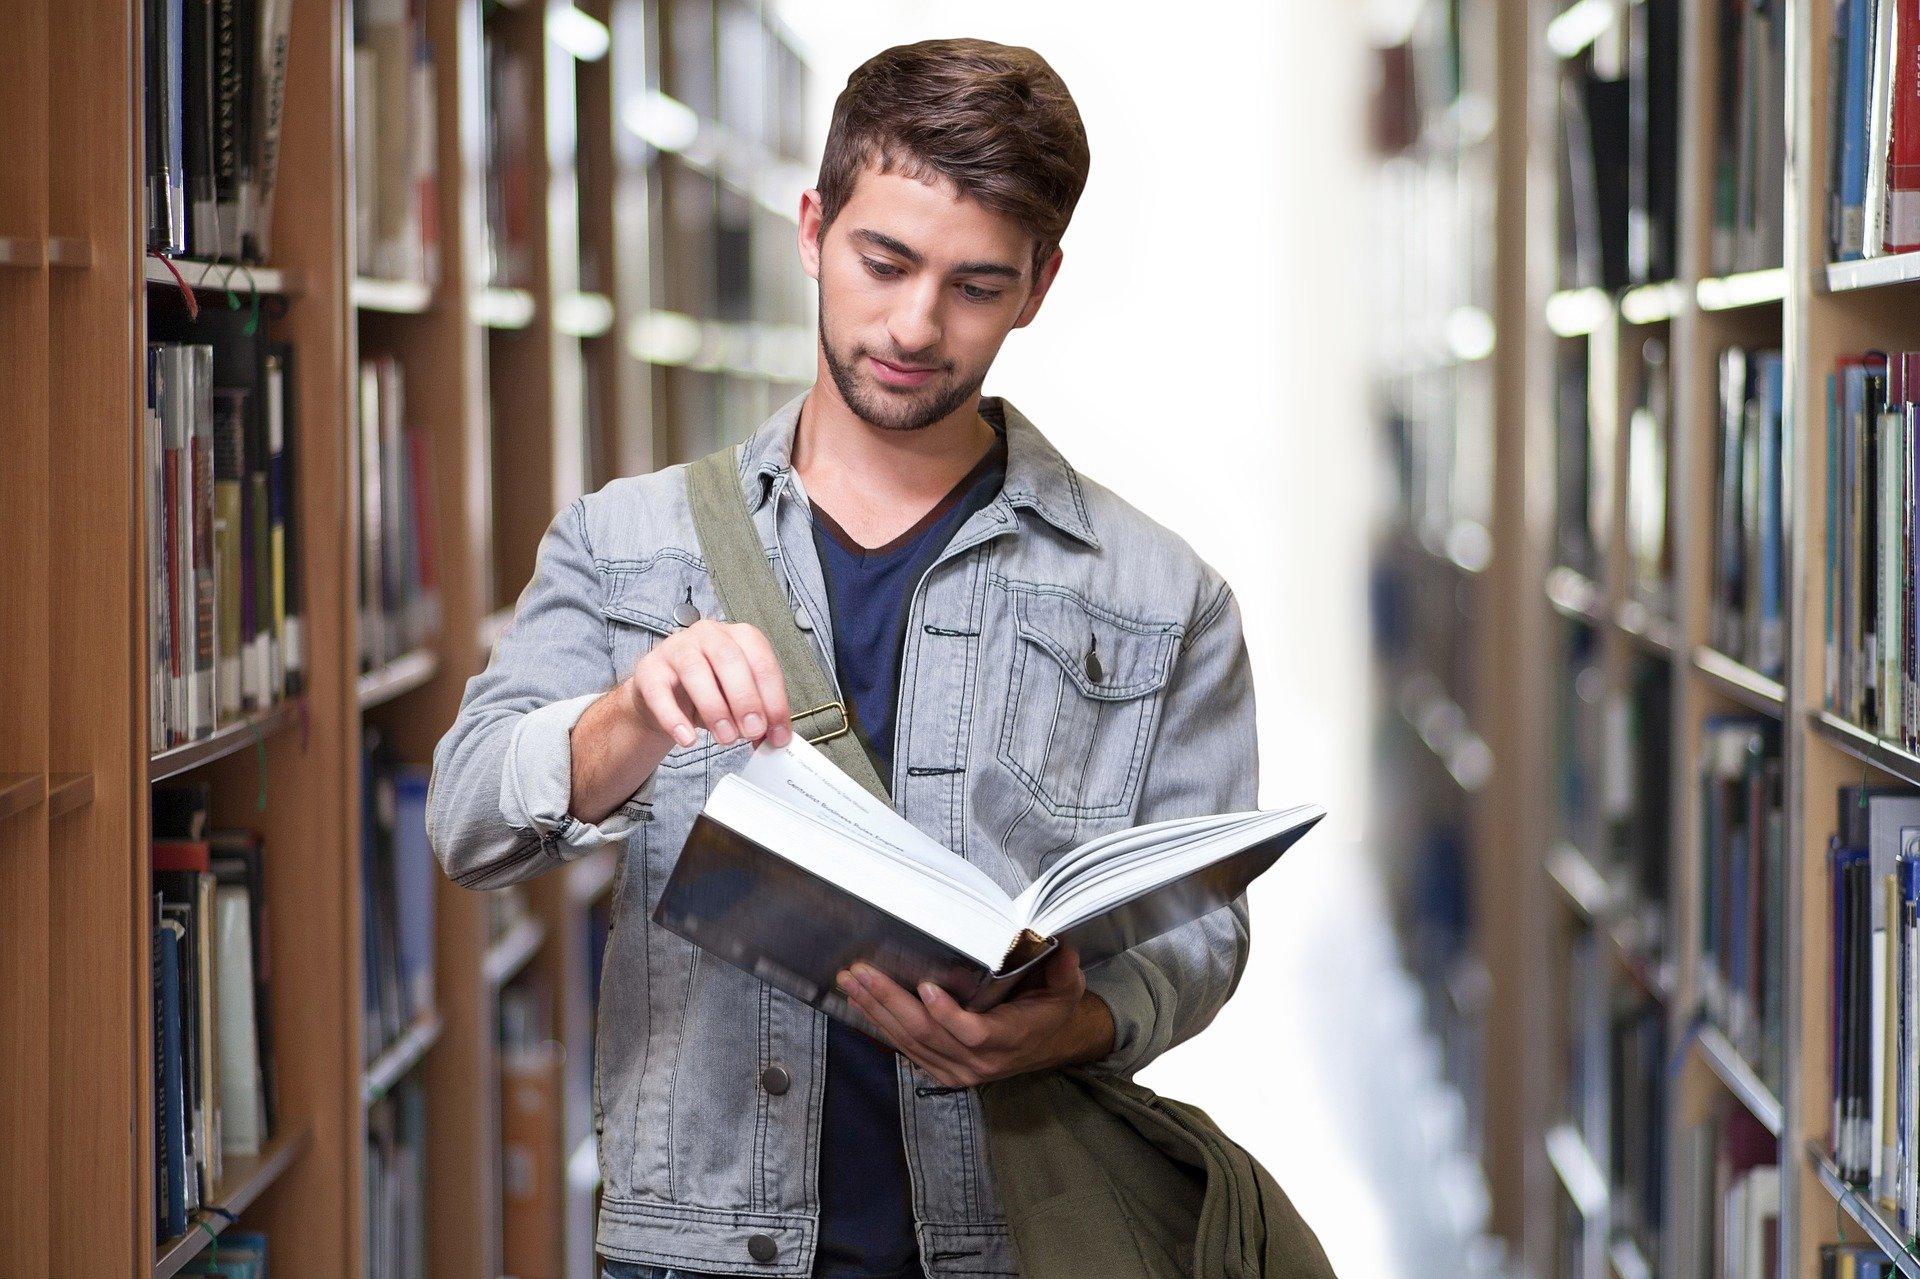 Les bons plans pour les étudiants en période de Covid